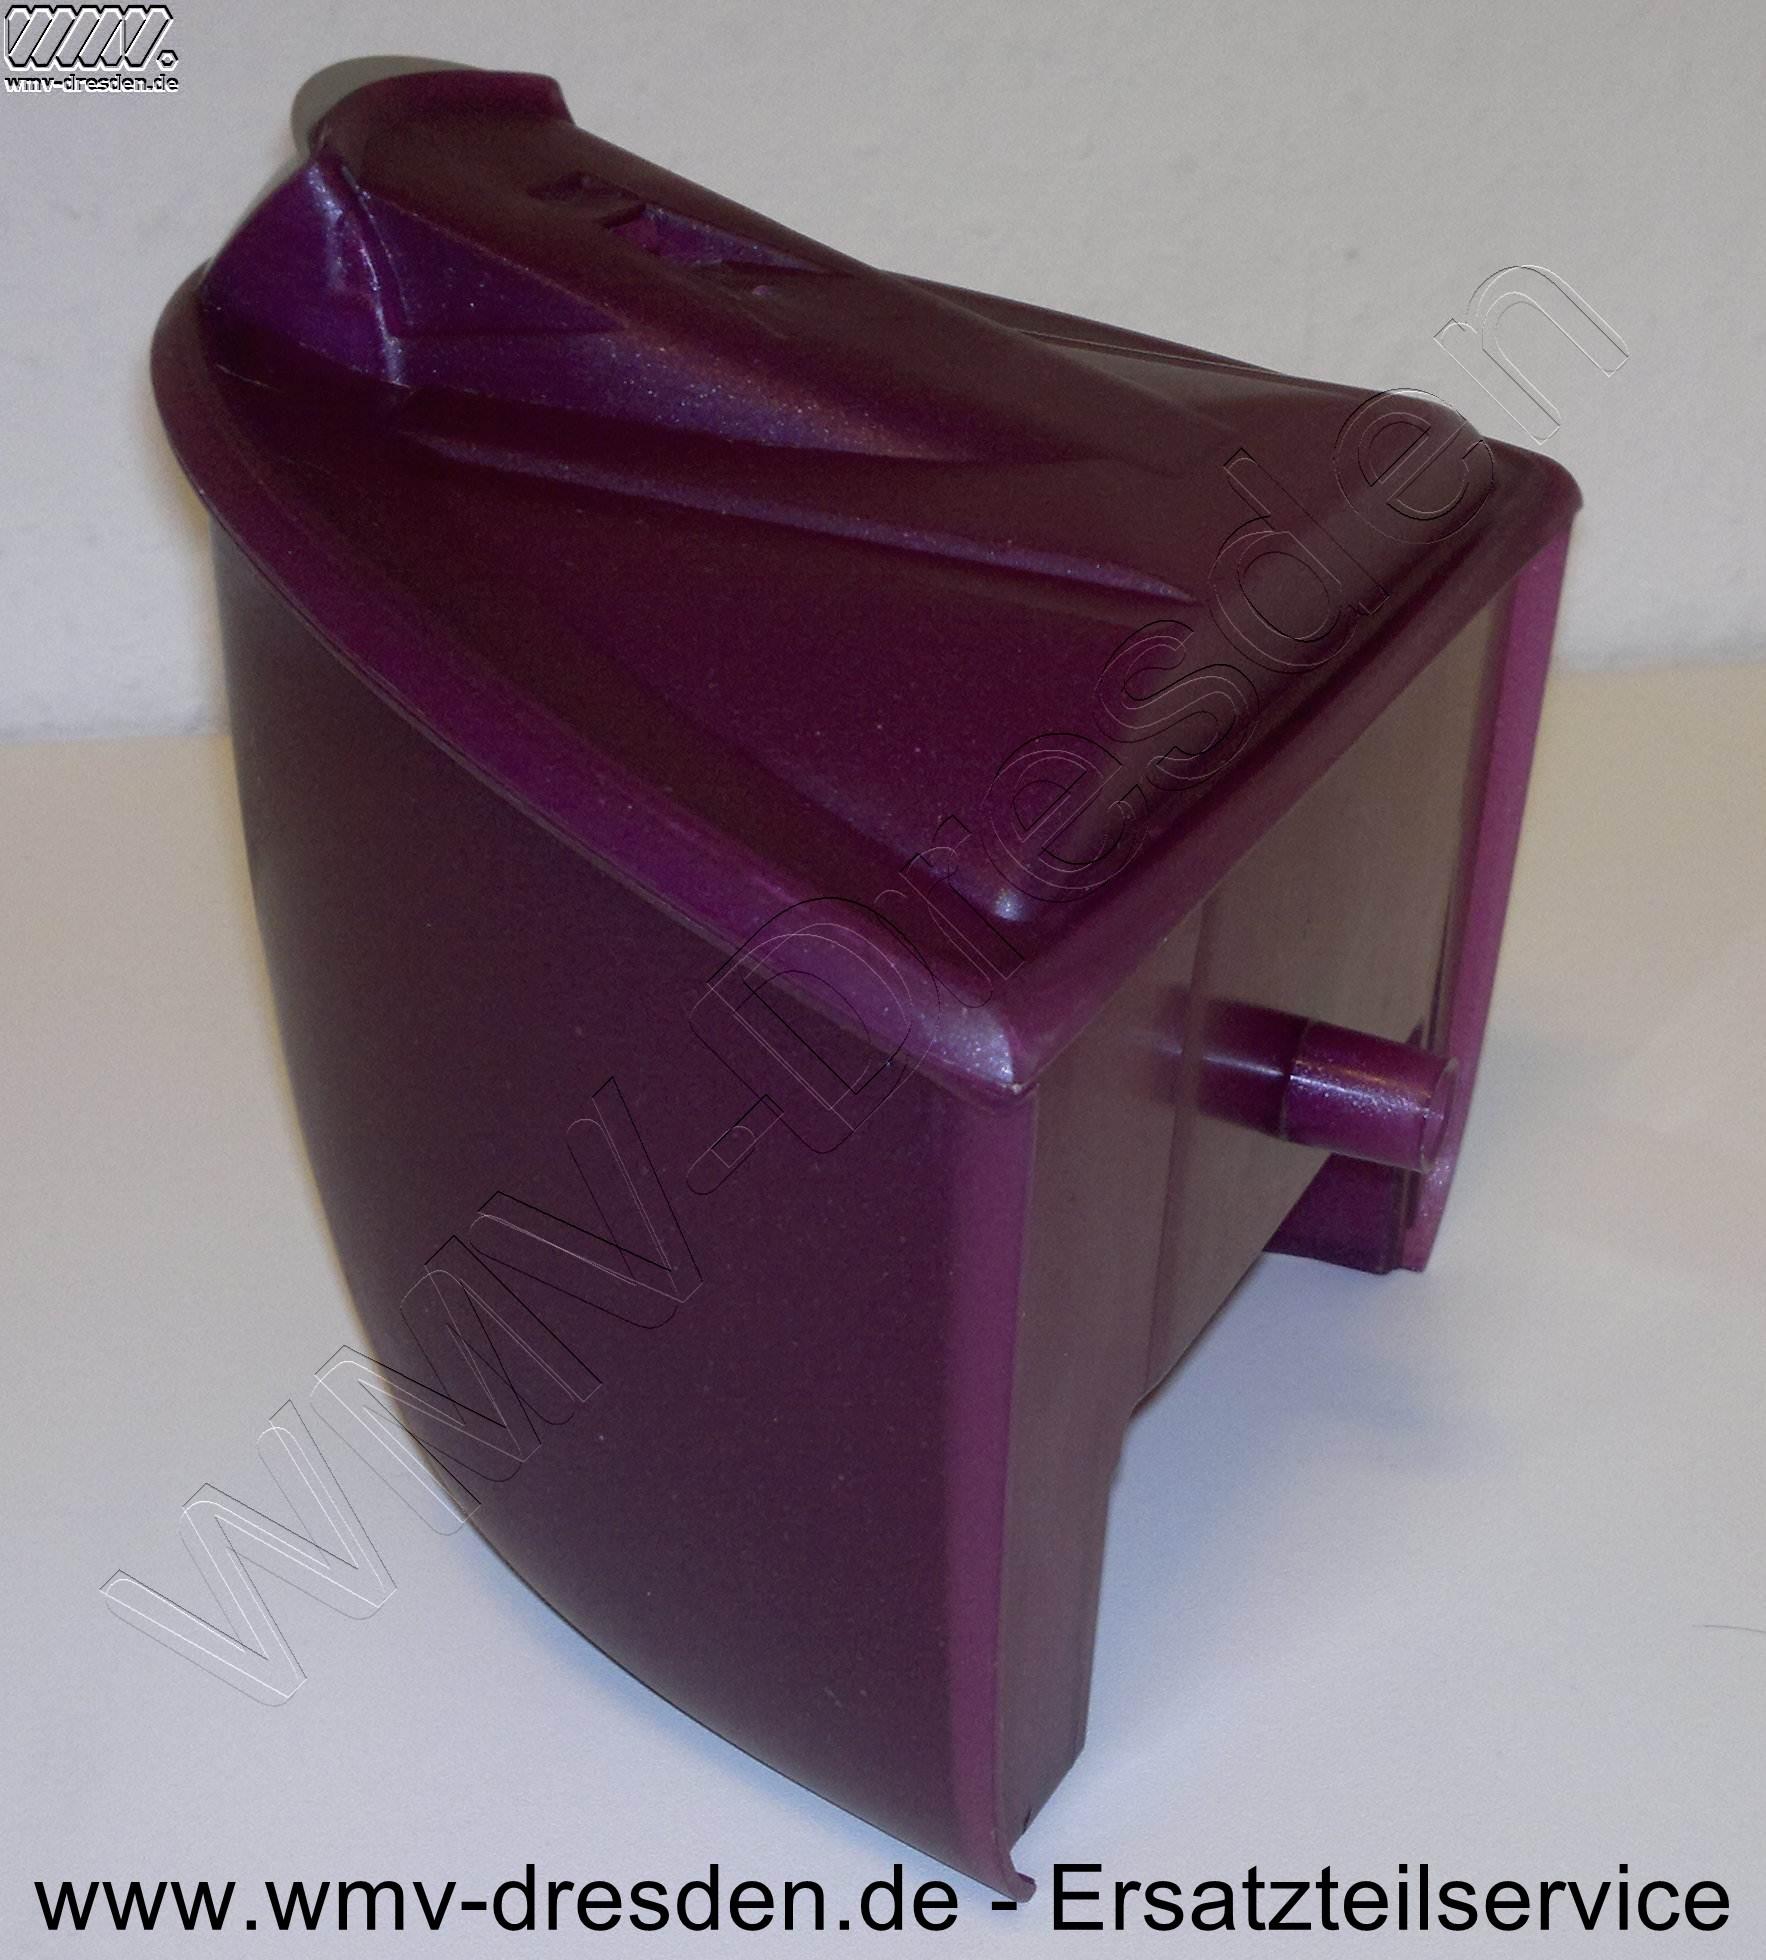 Wassertank pink für DBS 3000.10 / 11,  DBS 5000.11 / 12  / 13 - Artikel nicht mehr lieferbar  - Artikel nicht mehr lieferbar